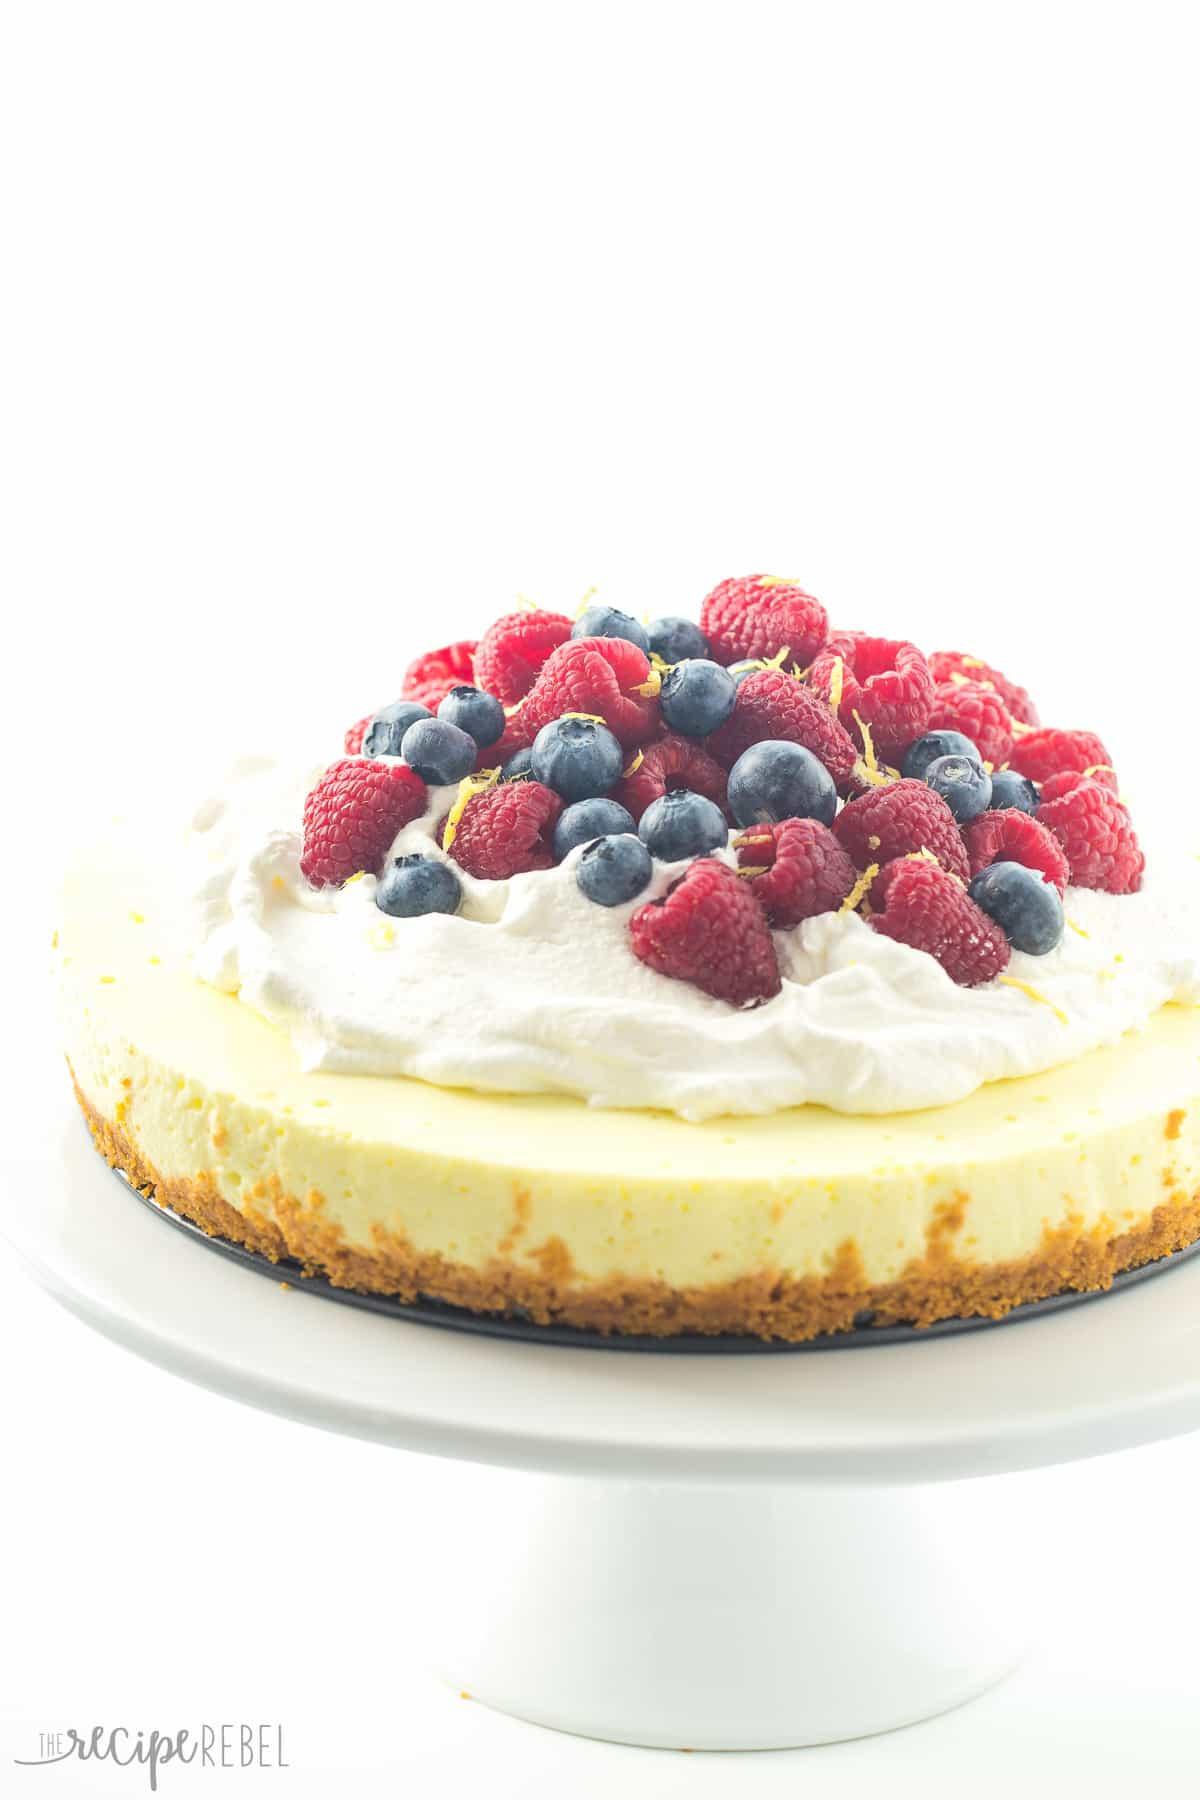 Spring Cheesecake No Bake Light No Bake Lemon Cheesecake Secret Ingre nt